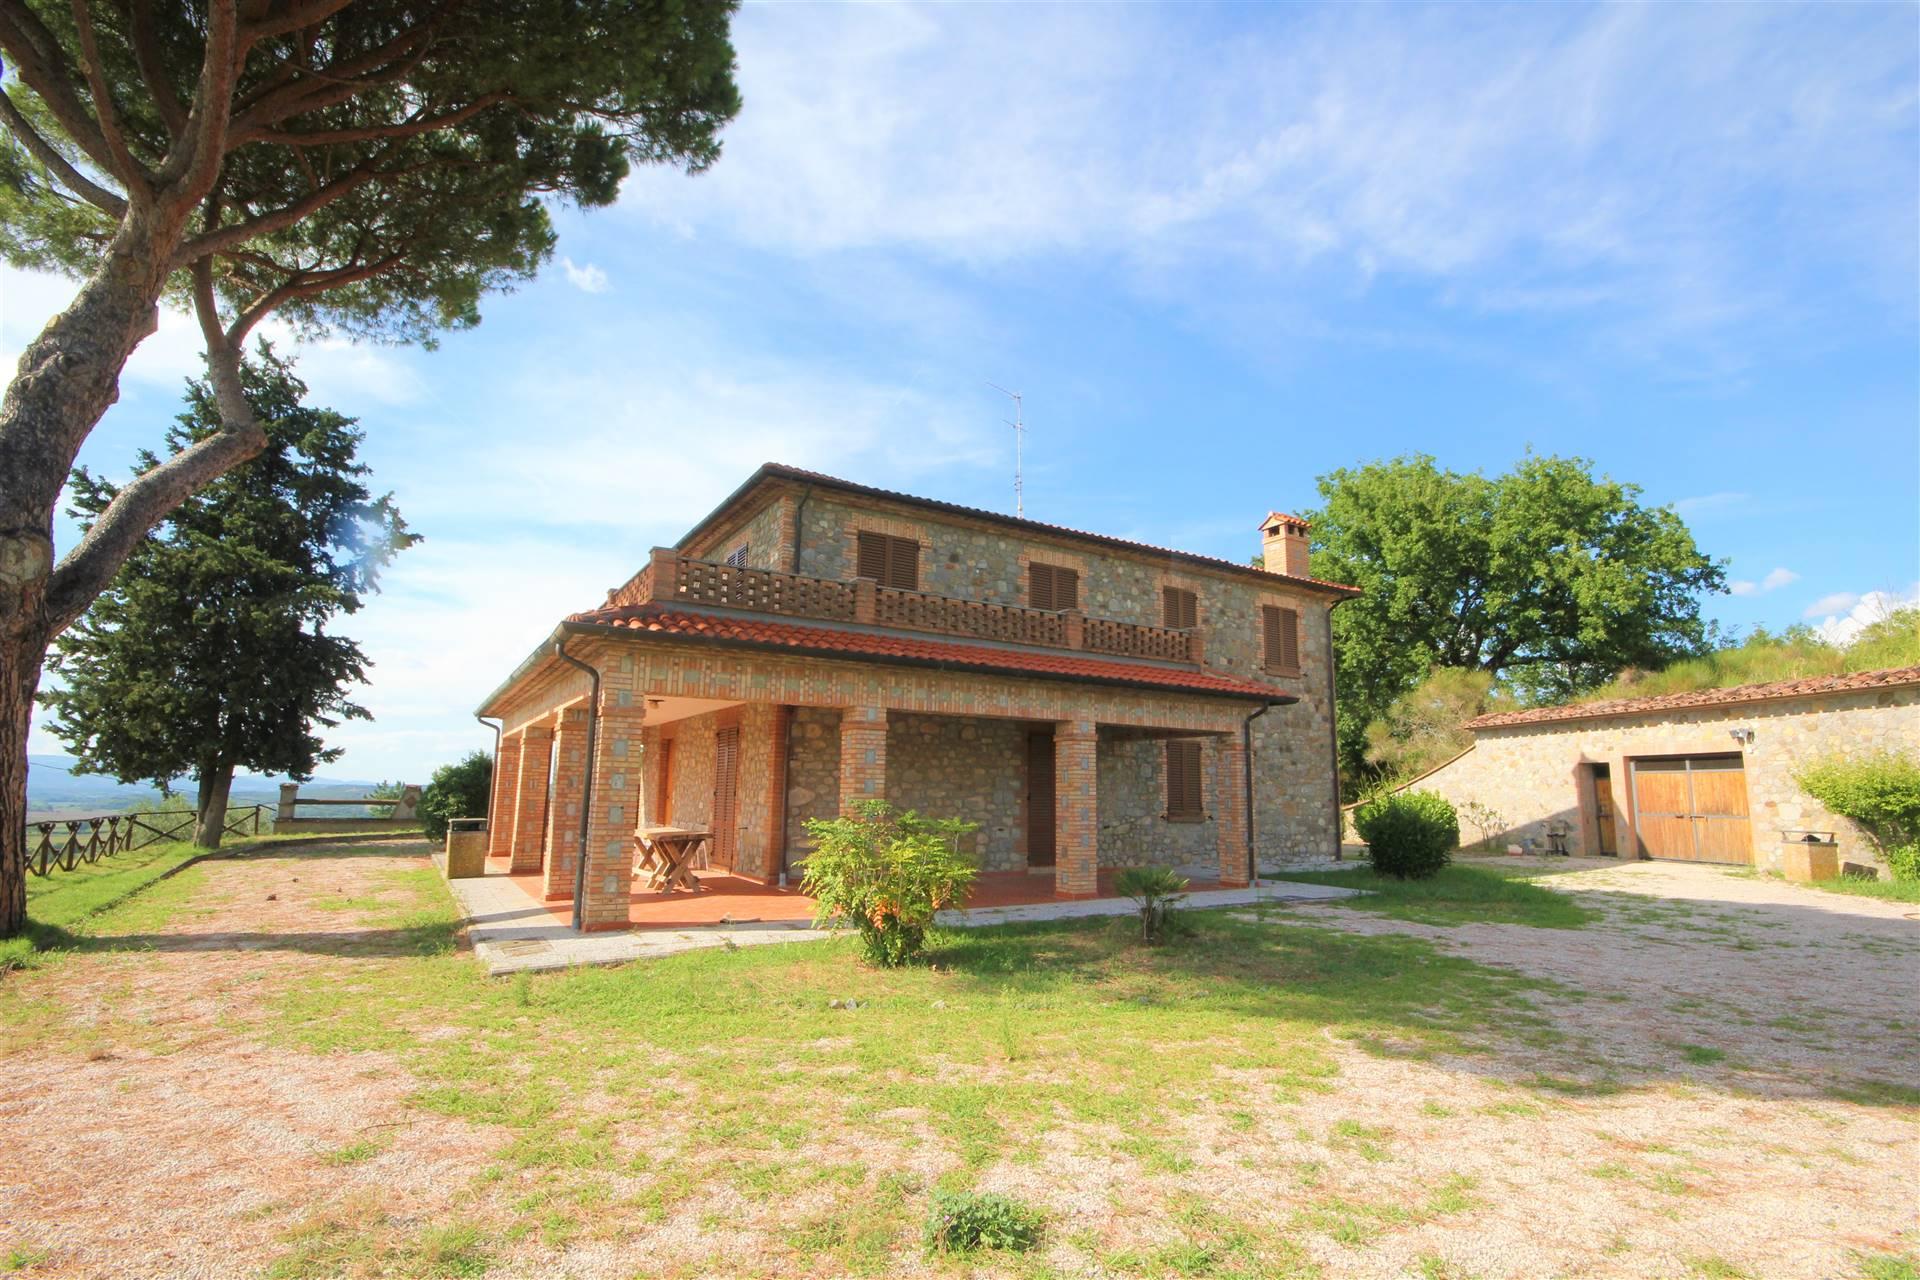 Rustico / Casale in vendita a Monteleone d'Orvieto, 8 locali, zona Zona: Santa Maria, prezzo € 420.000   CambioCasa.it